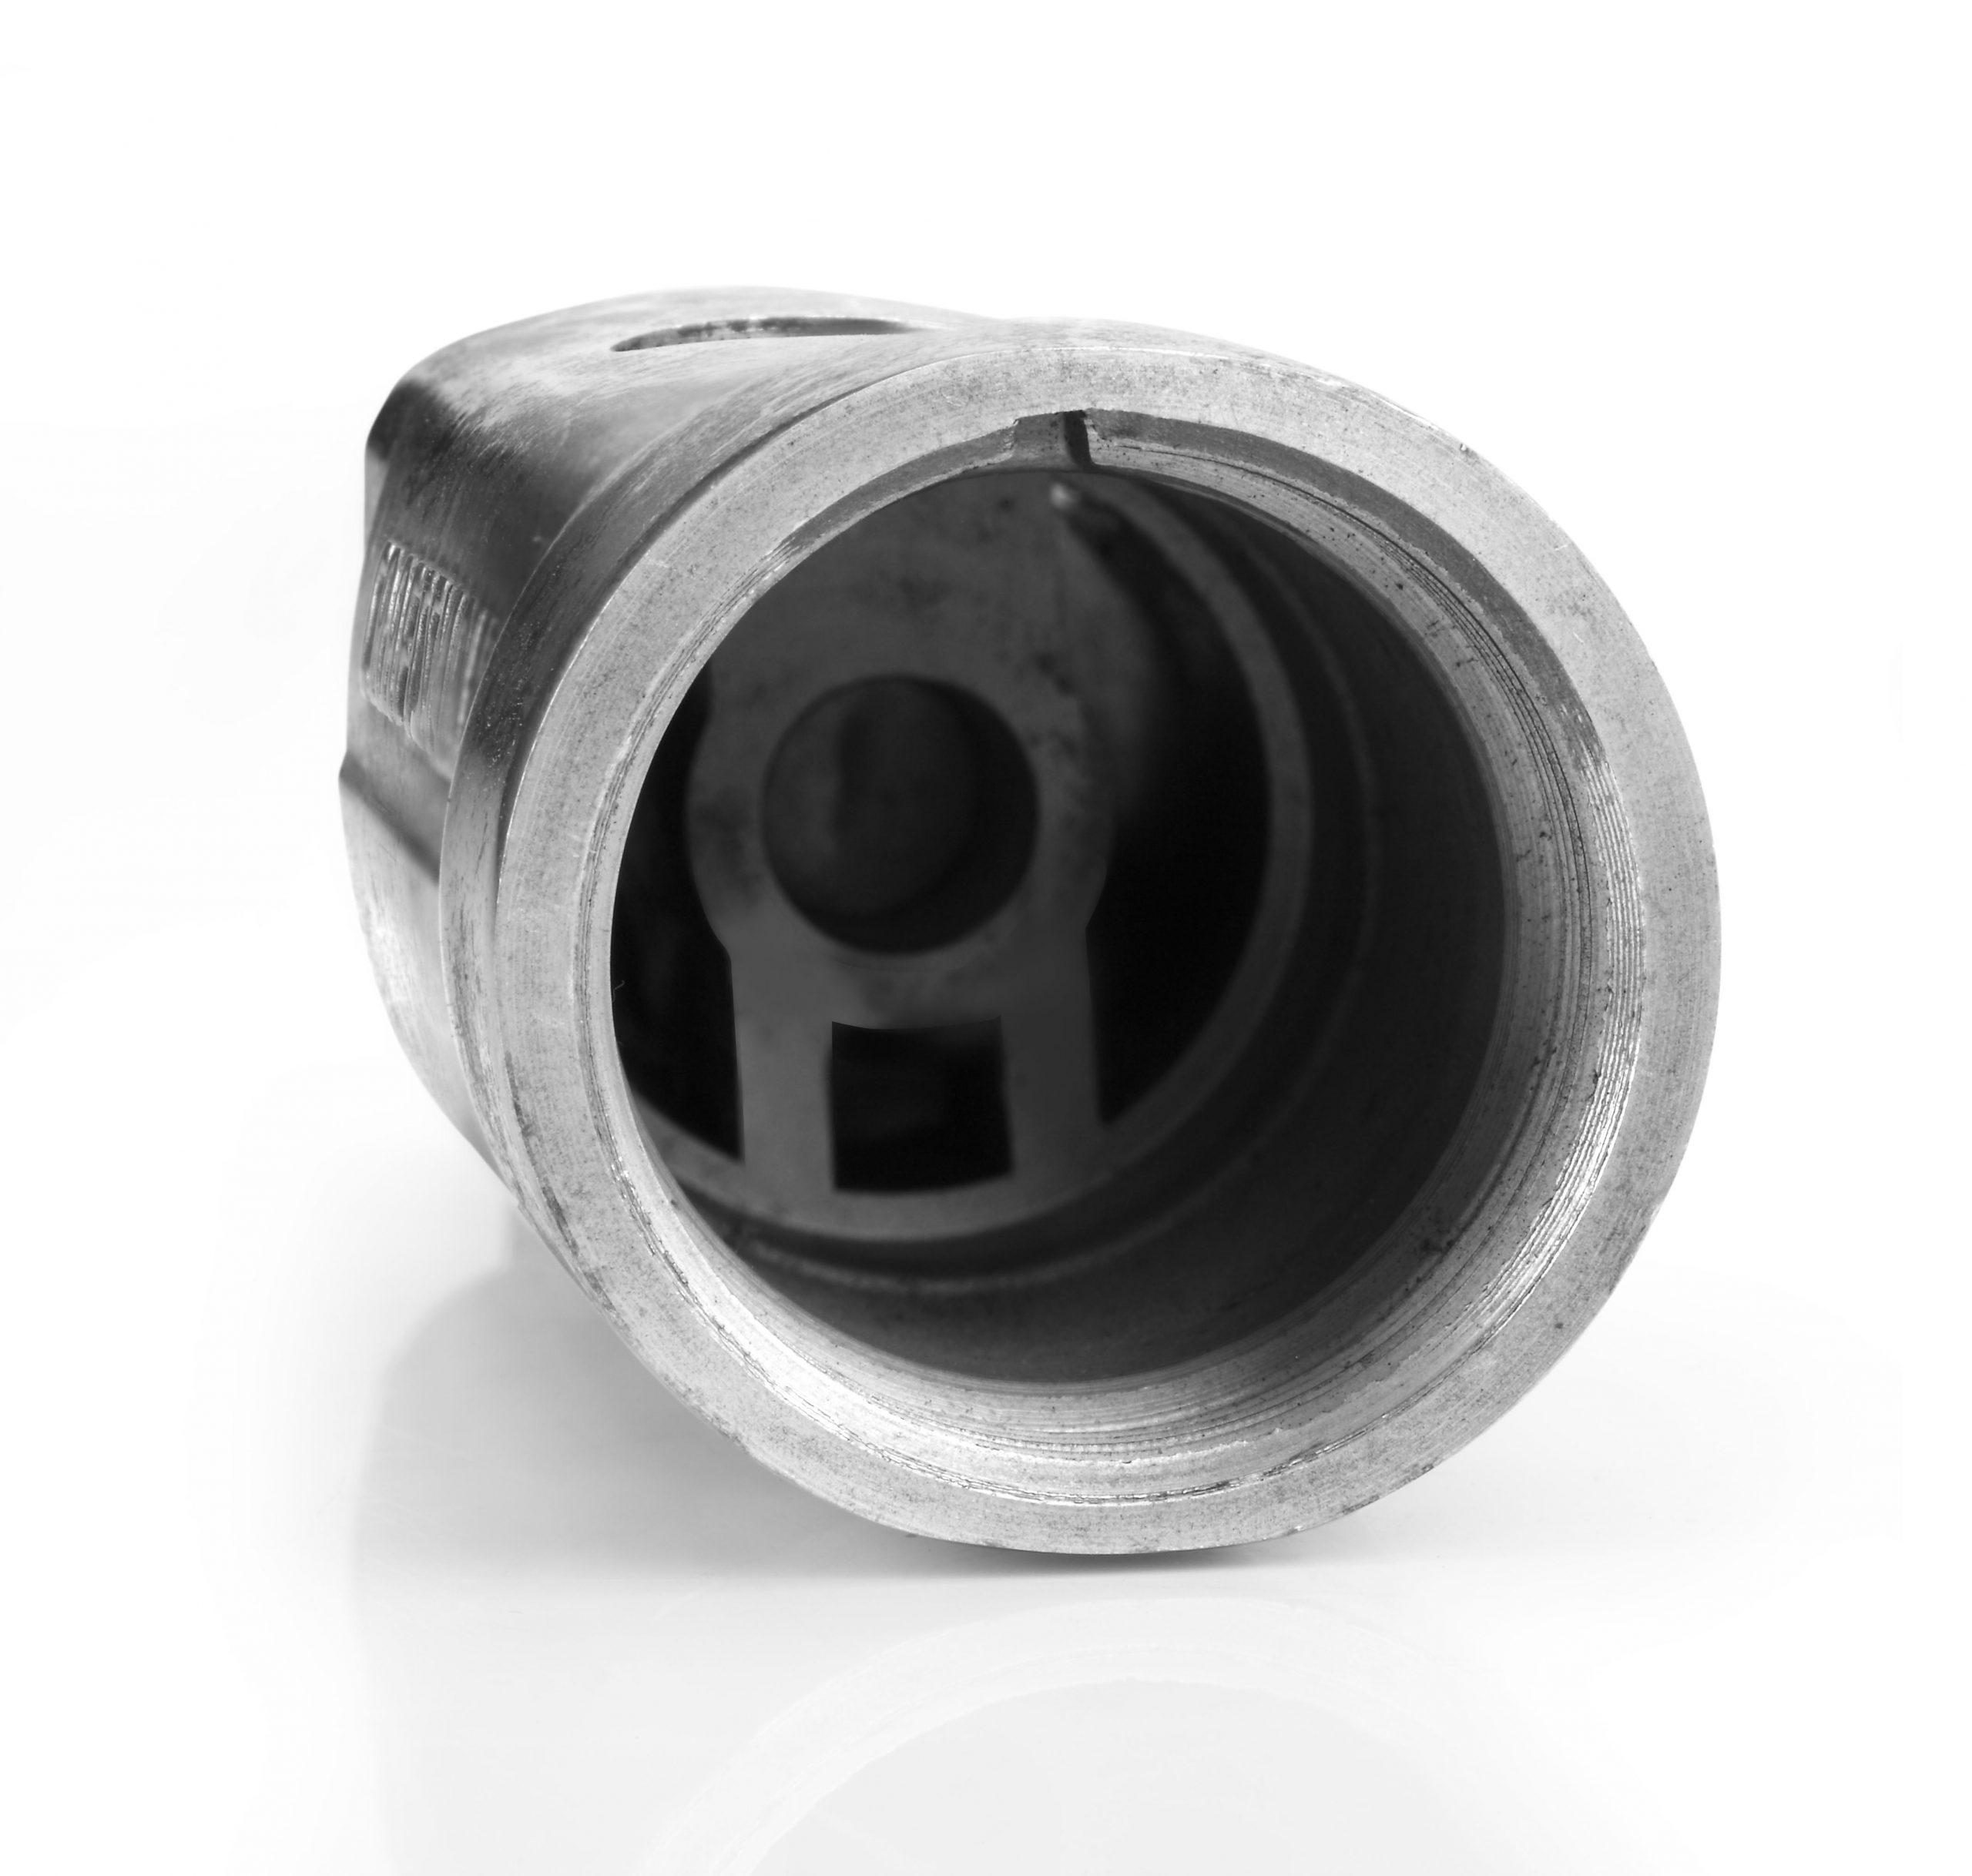 Cast & Machined Automotive Component